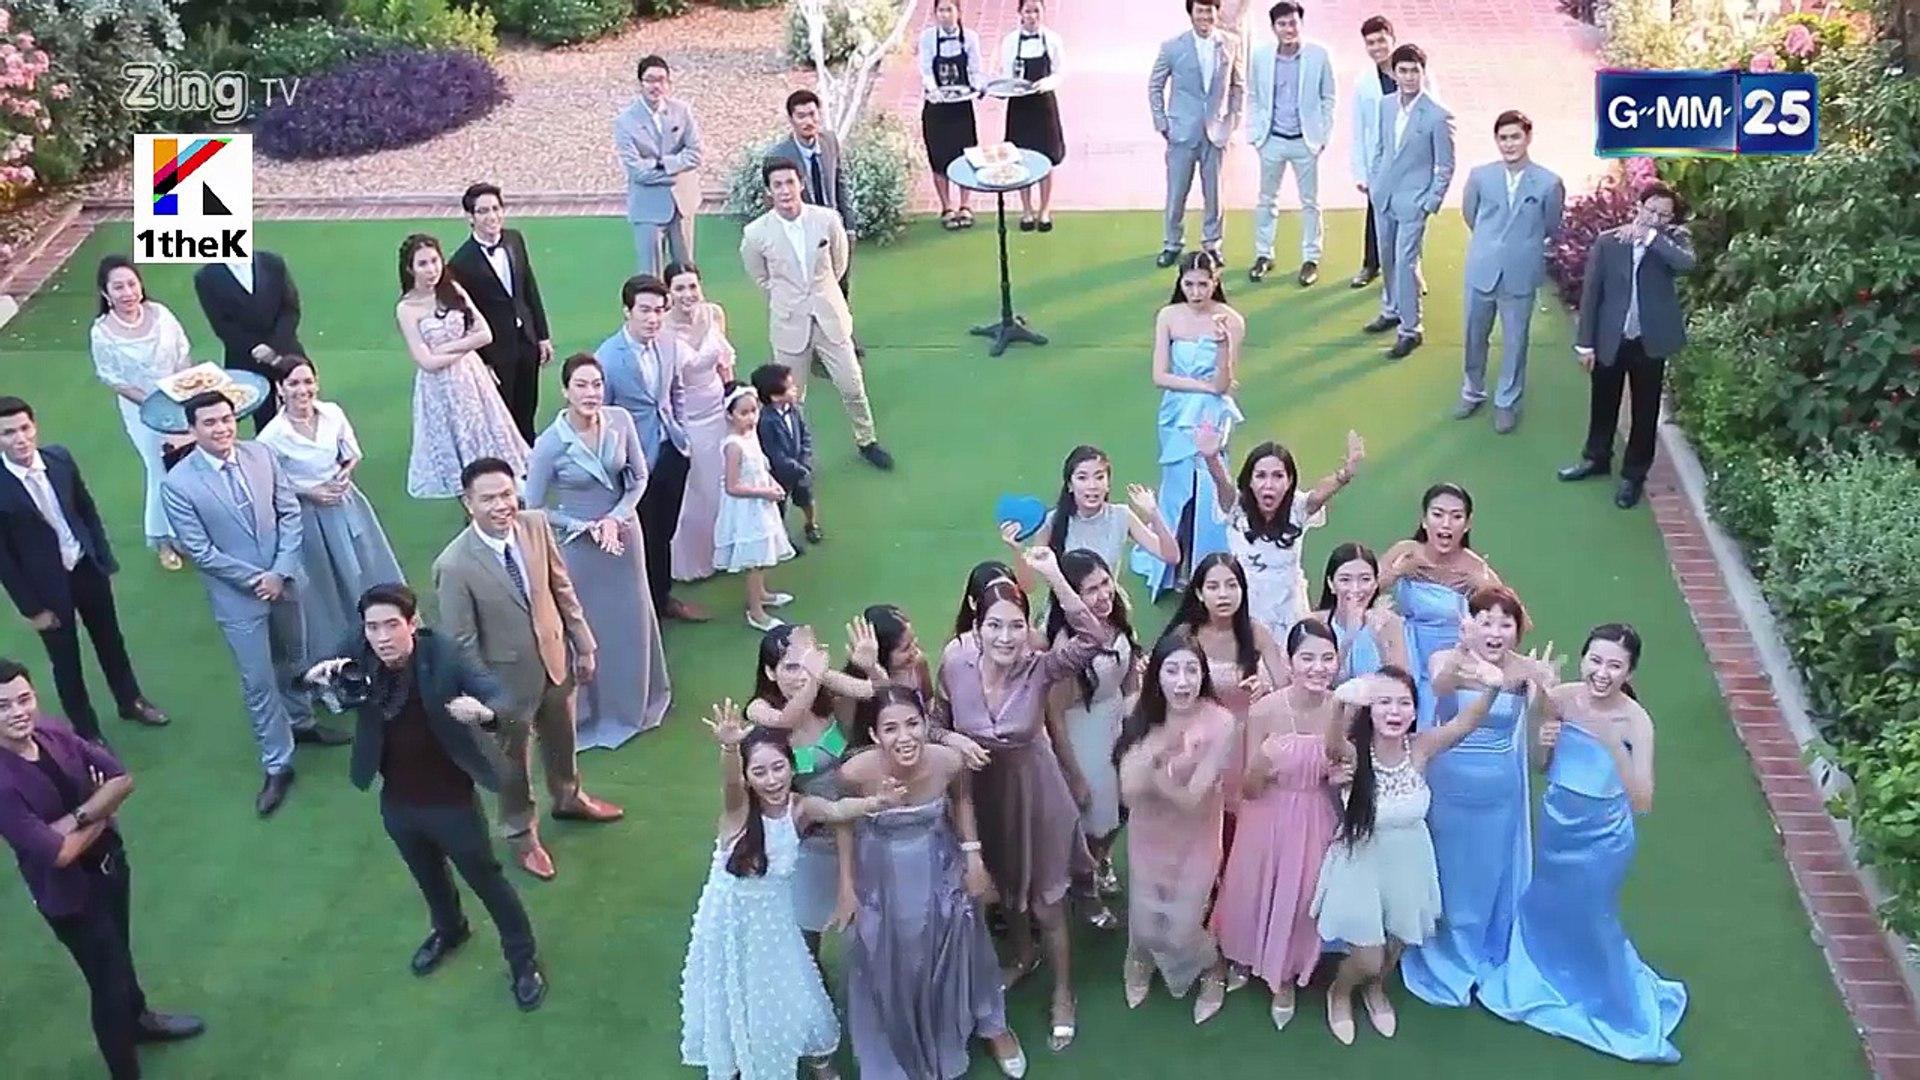 Top Five Flower Ring Thai Drama Ep 1 Eng Sub Dramacool - Circus